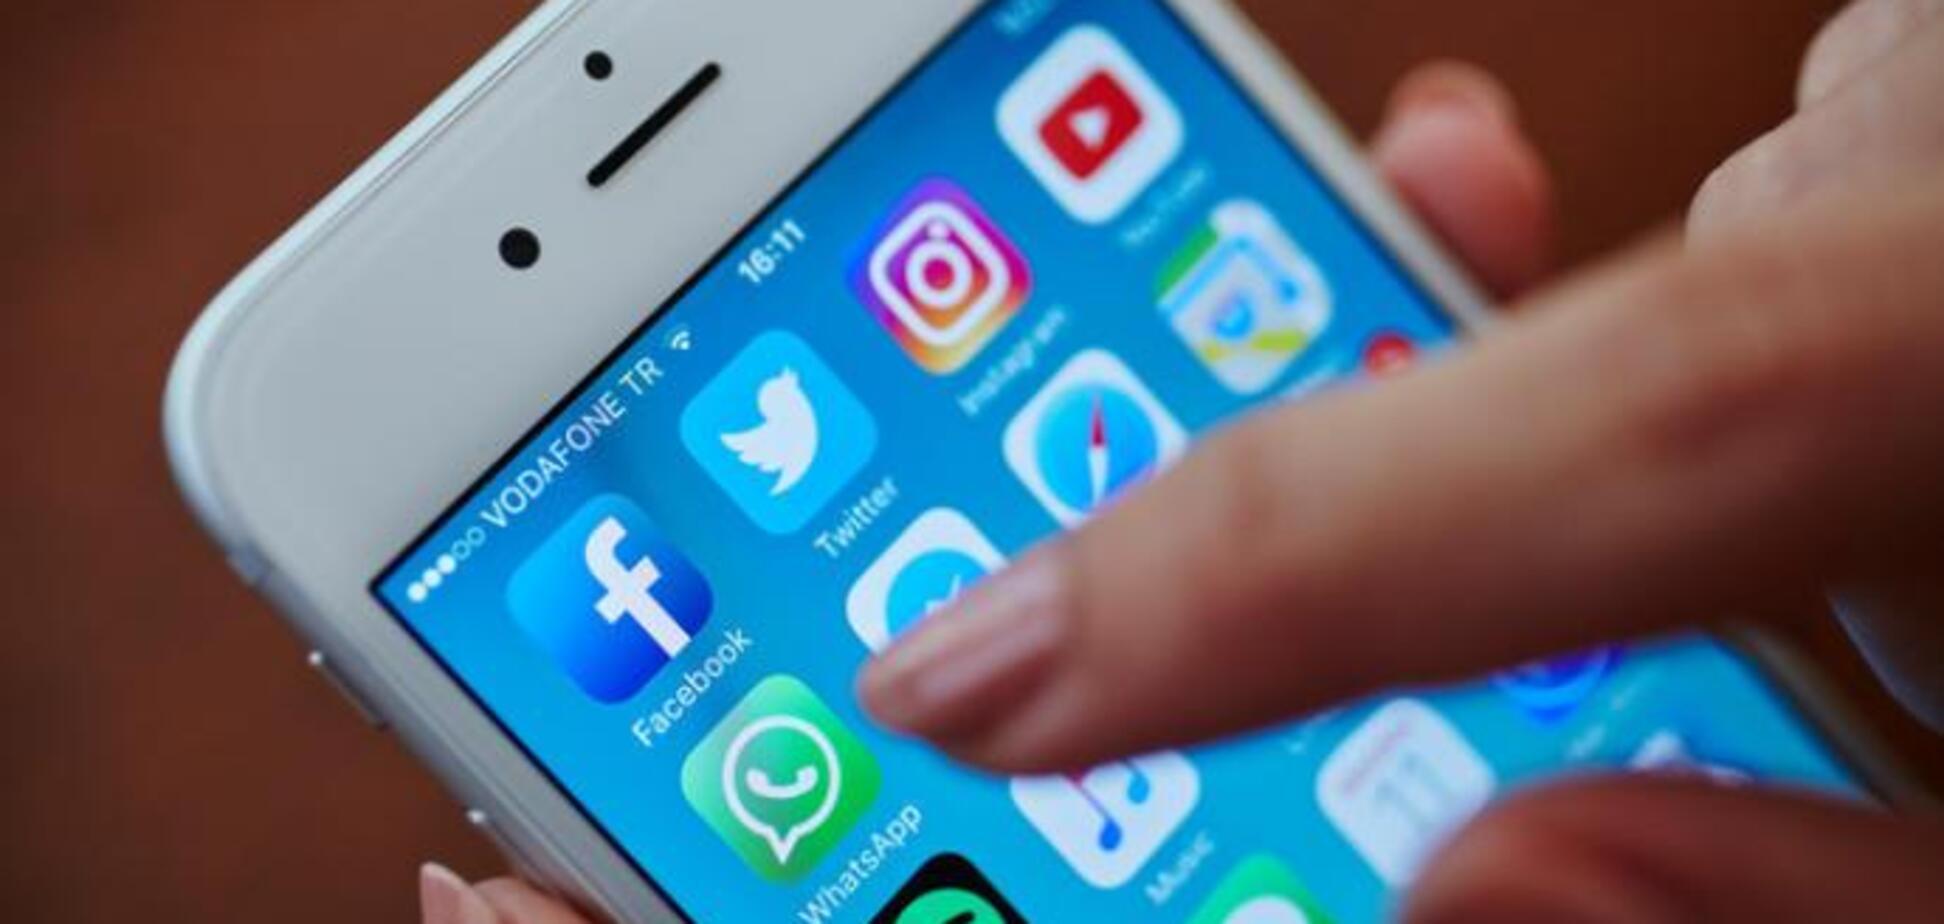 В WhatsApp нашли проблемы защиты личных данных